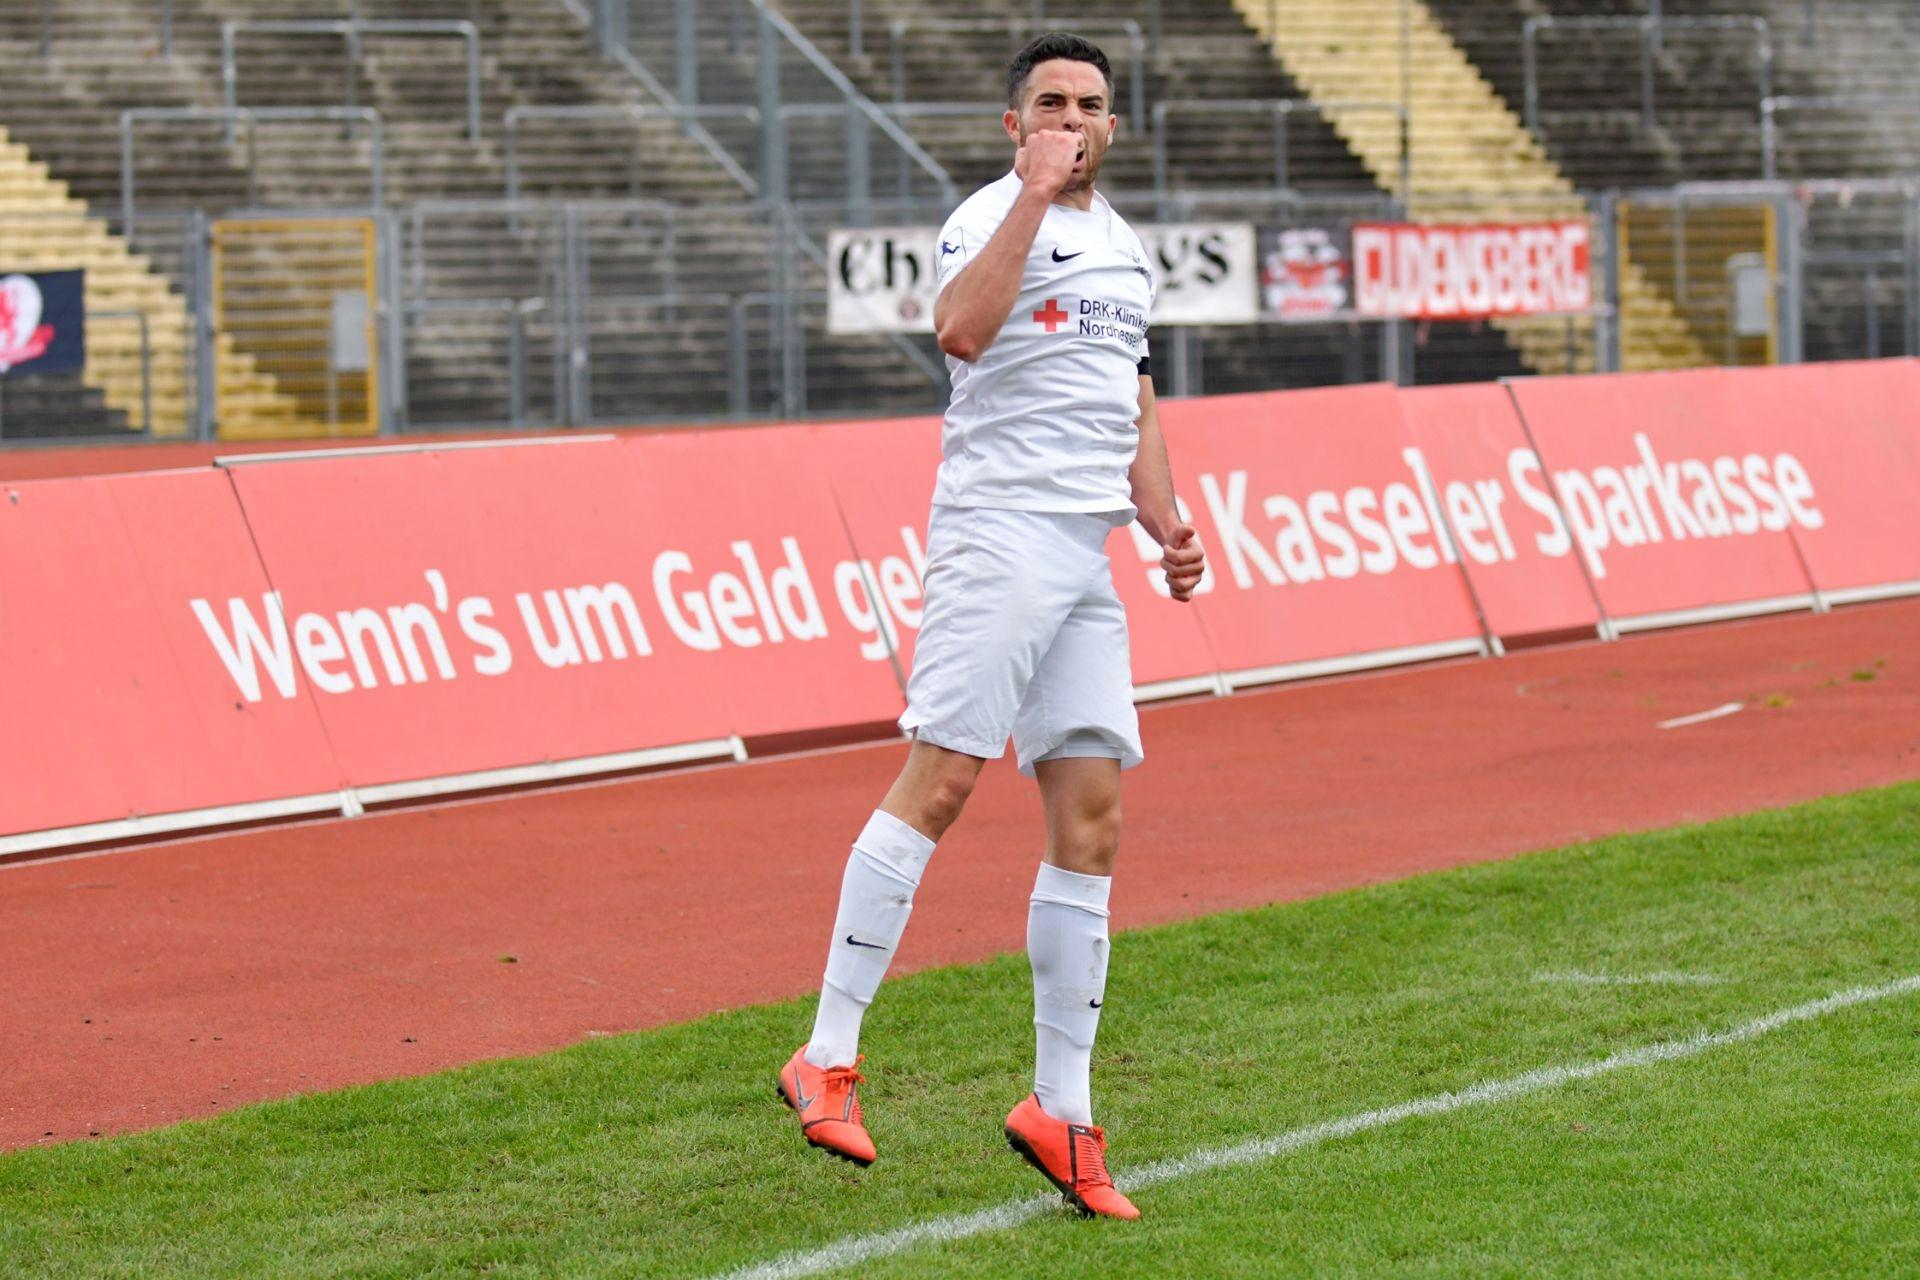 Regionalliga S�dwest 2020/21, KSV Hessen Kassel, 1. FSV Mainz 05 II, Endstand 2:1, Jubel zum 2:0, Adrian Bravo Sanchez